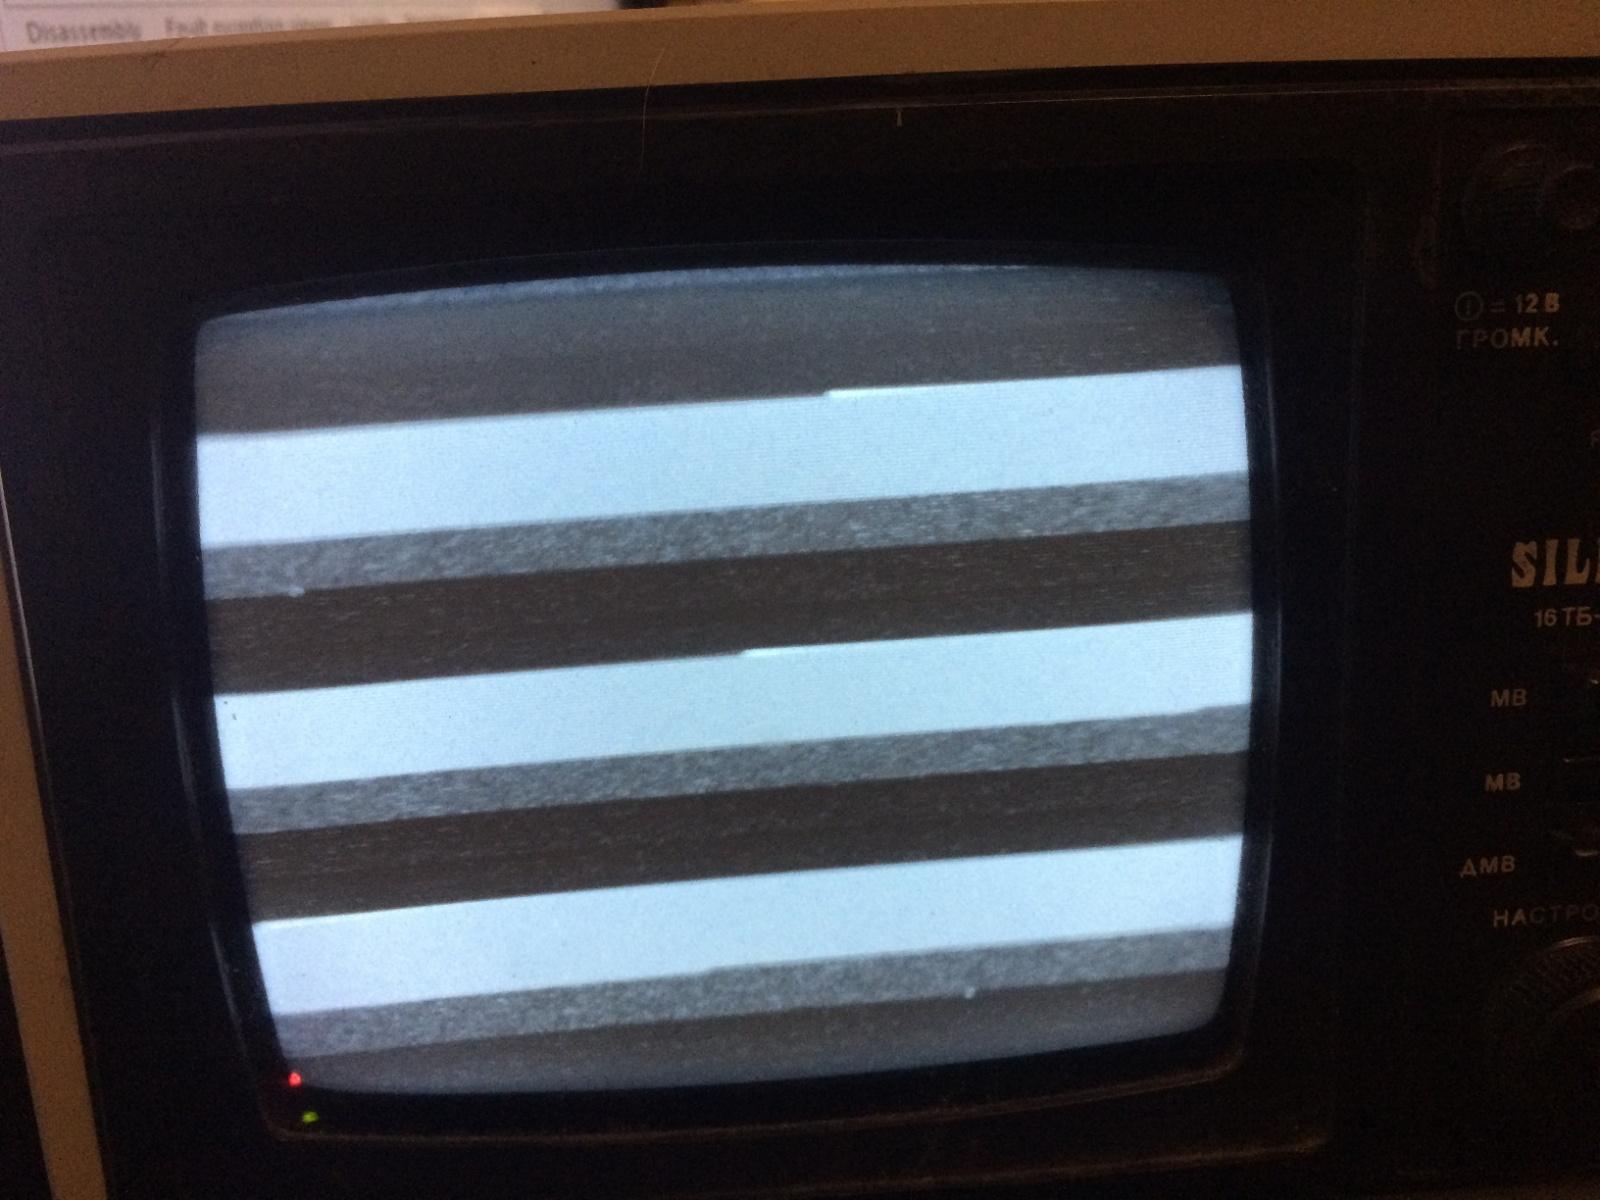 Передача аналогового тв сигнала с помощью STM32 - 9